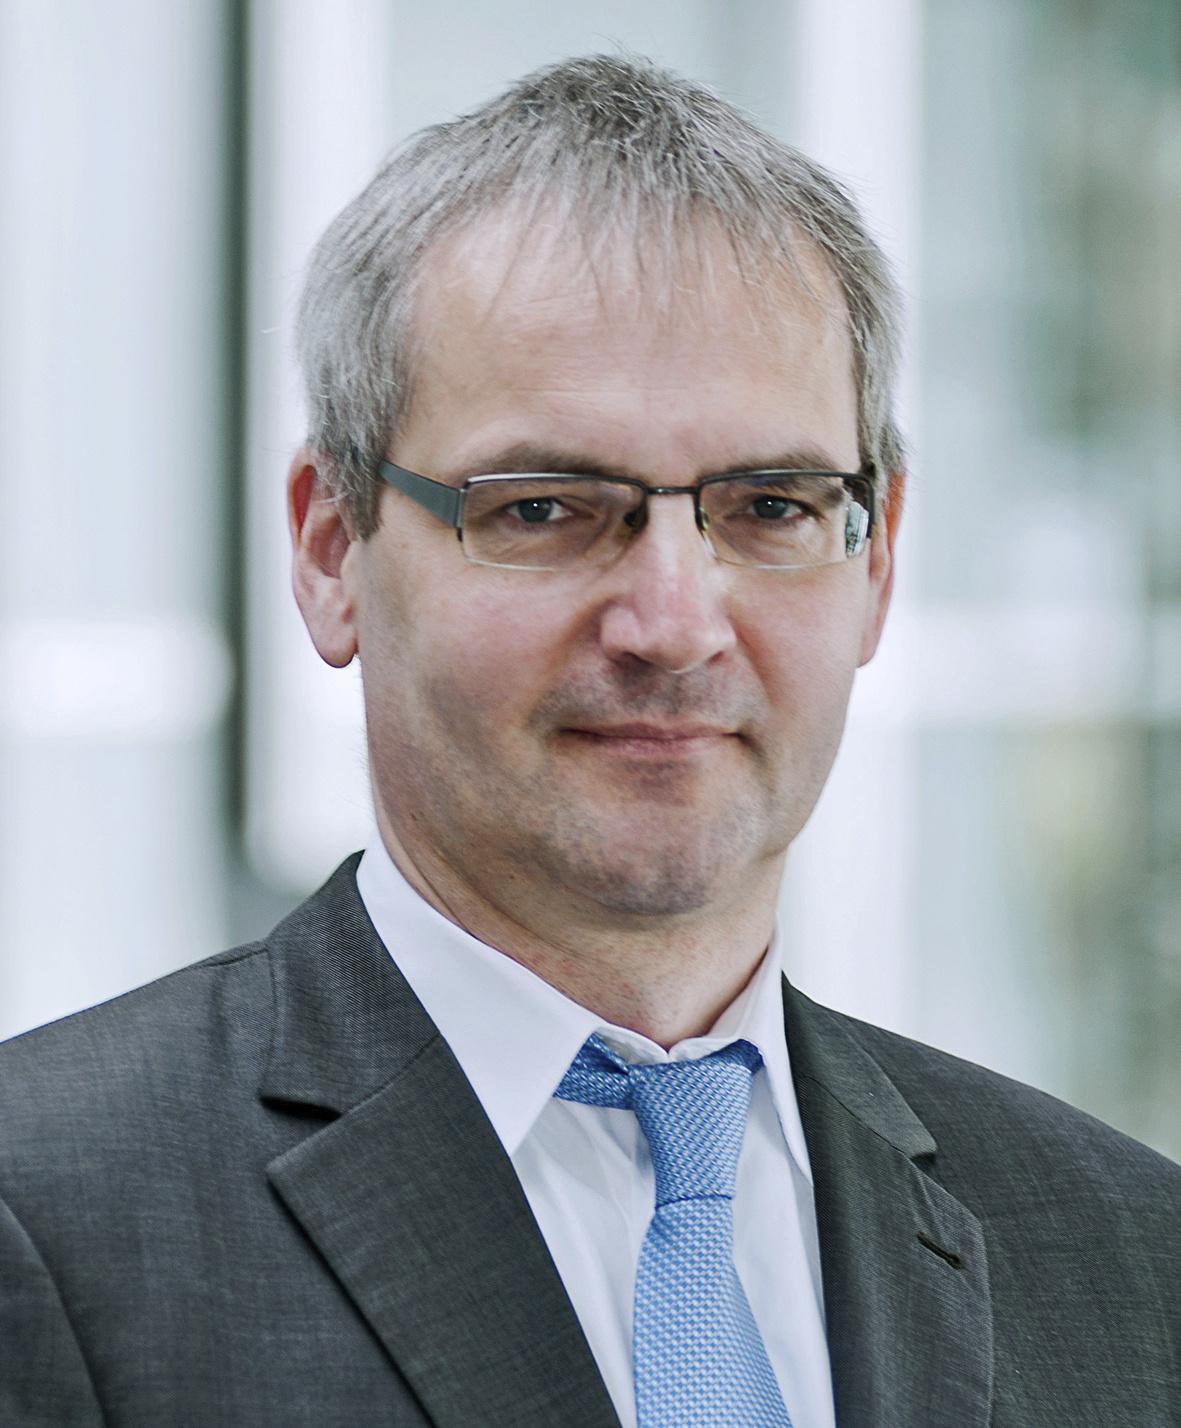 Thieß Petersen